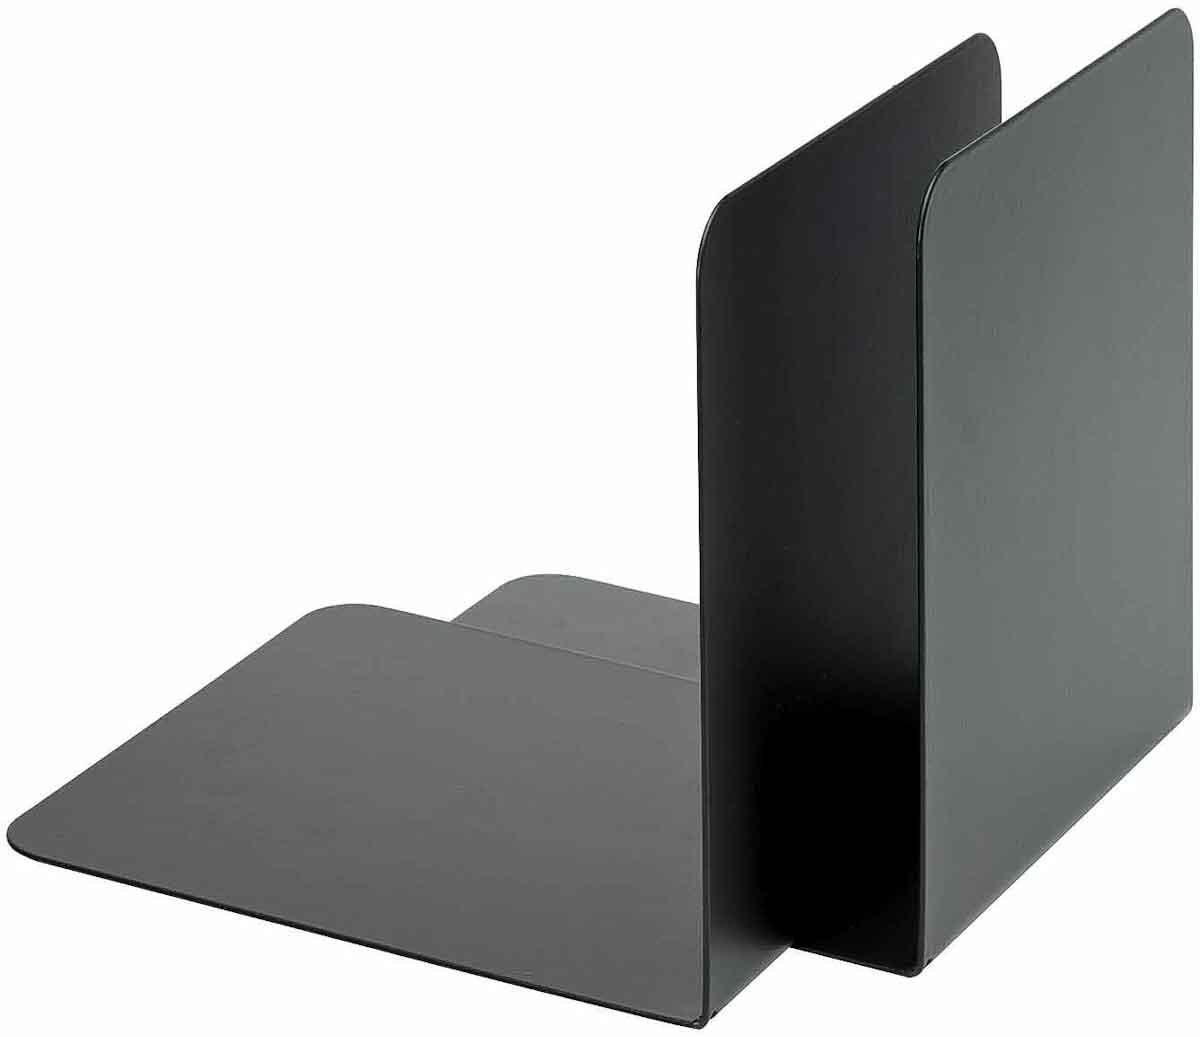 Buch-Stützen aus Metall. Simpel, nicht wirklich schön, aber stabil und günstig